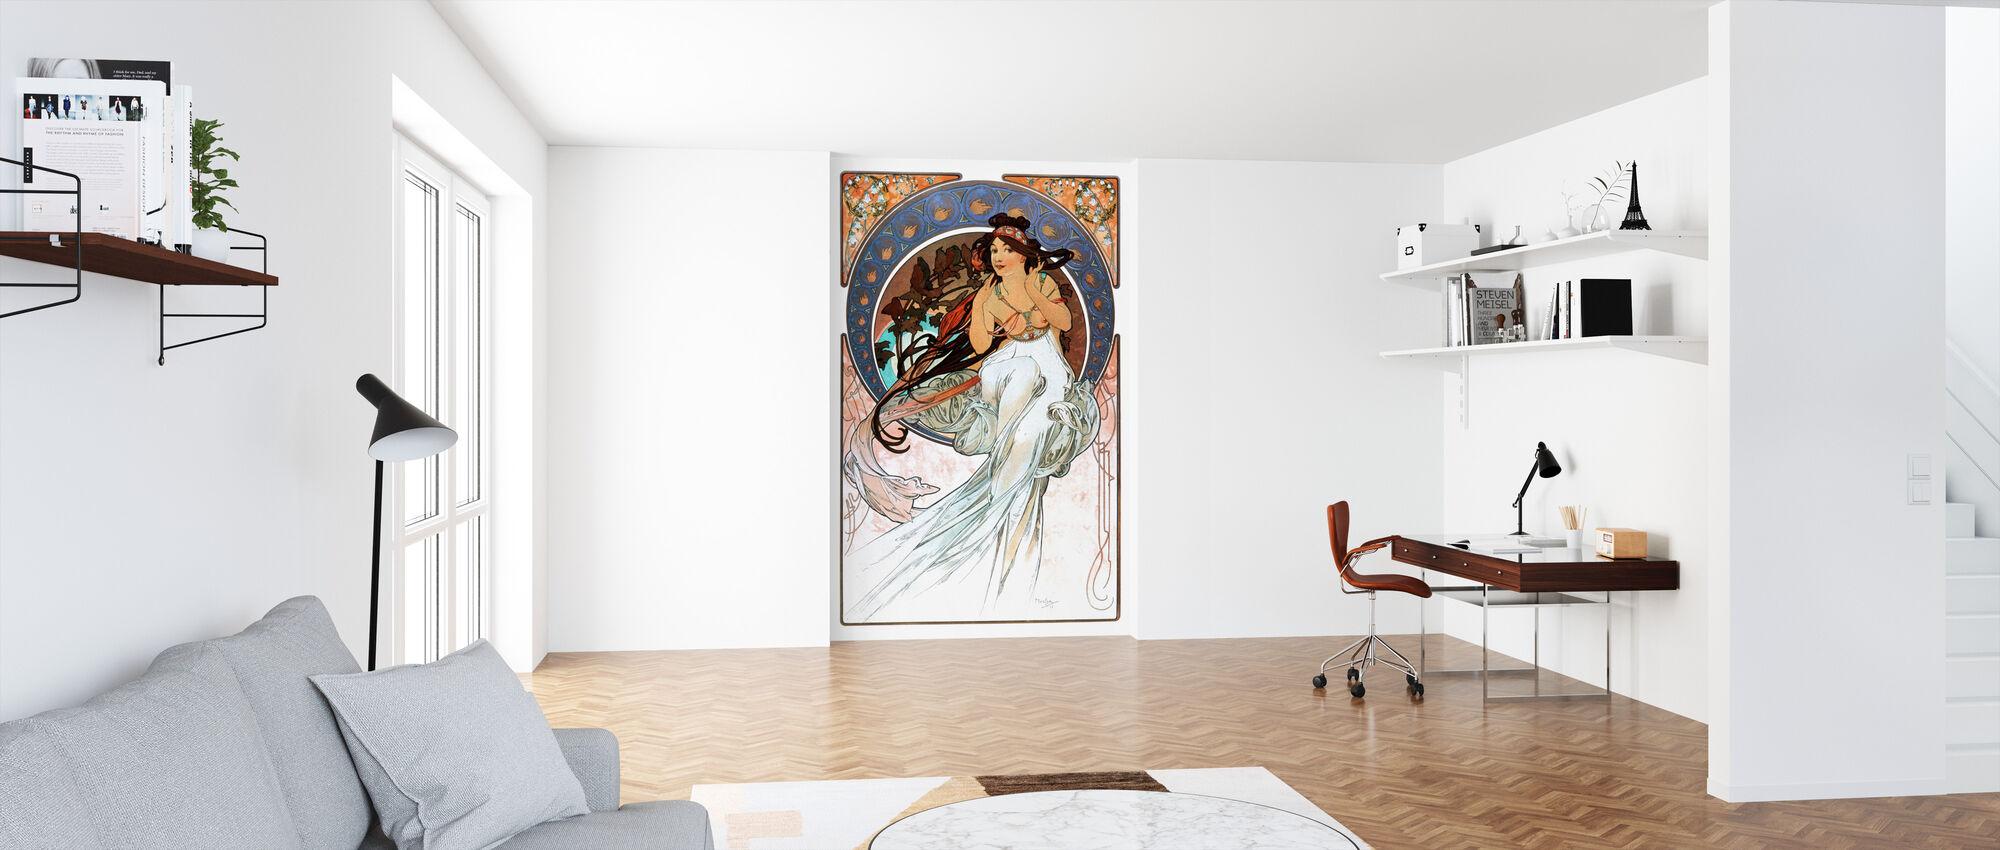 Alphonse Mucha - Art Noveau - Wallpaper - Office